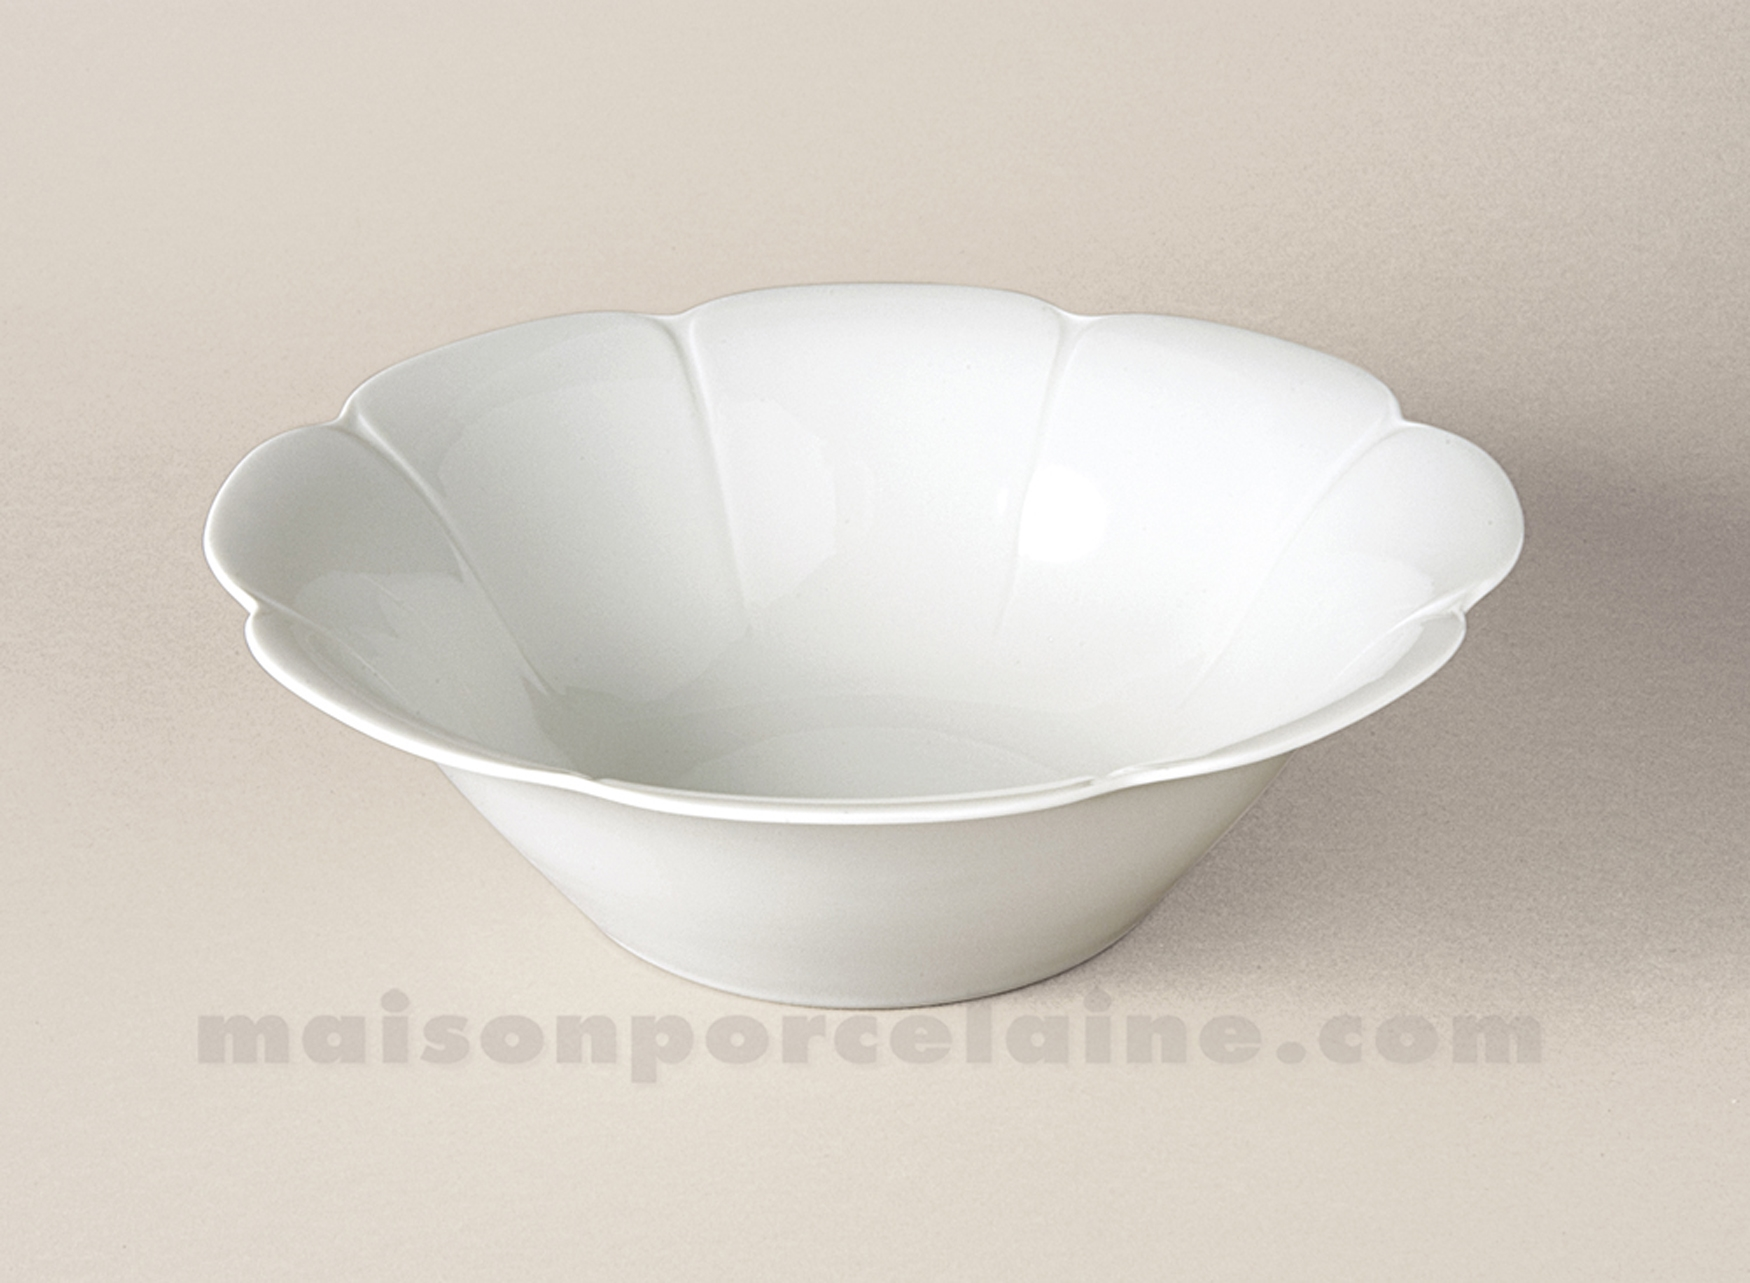 saladier limoges porcelaine blanche nymphea mm d25 maison de la porcelaine. Black Bedroom Furniture Sets. Home Design Ideas